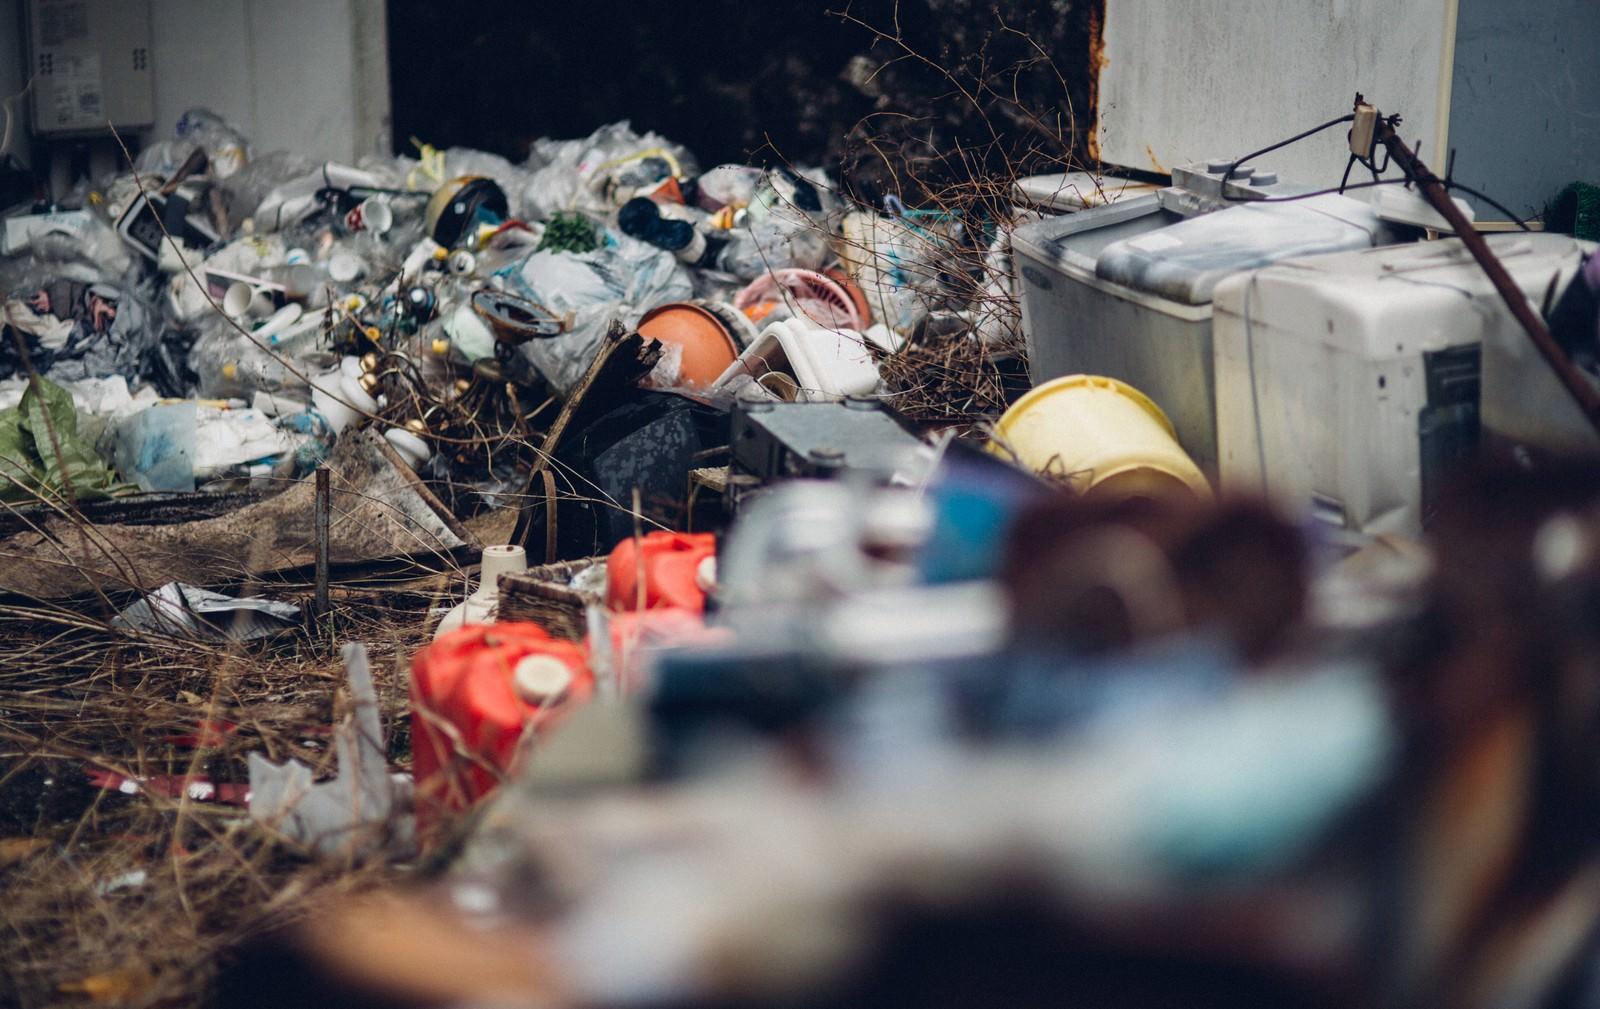 「不法投棄されたゴミ屋敷」の写真